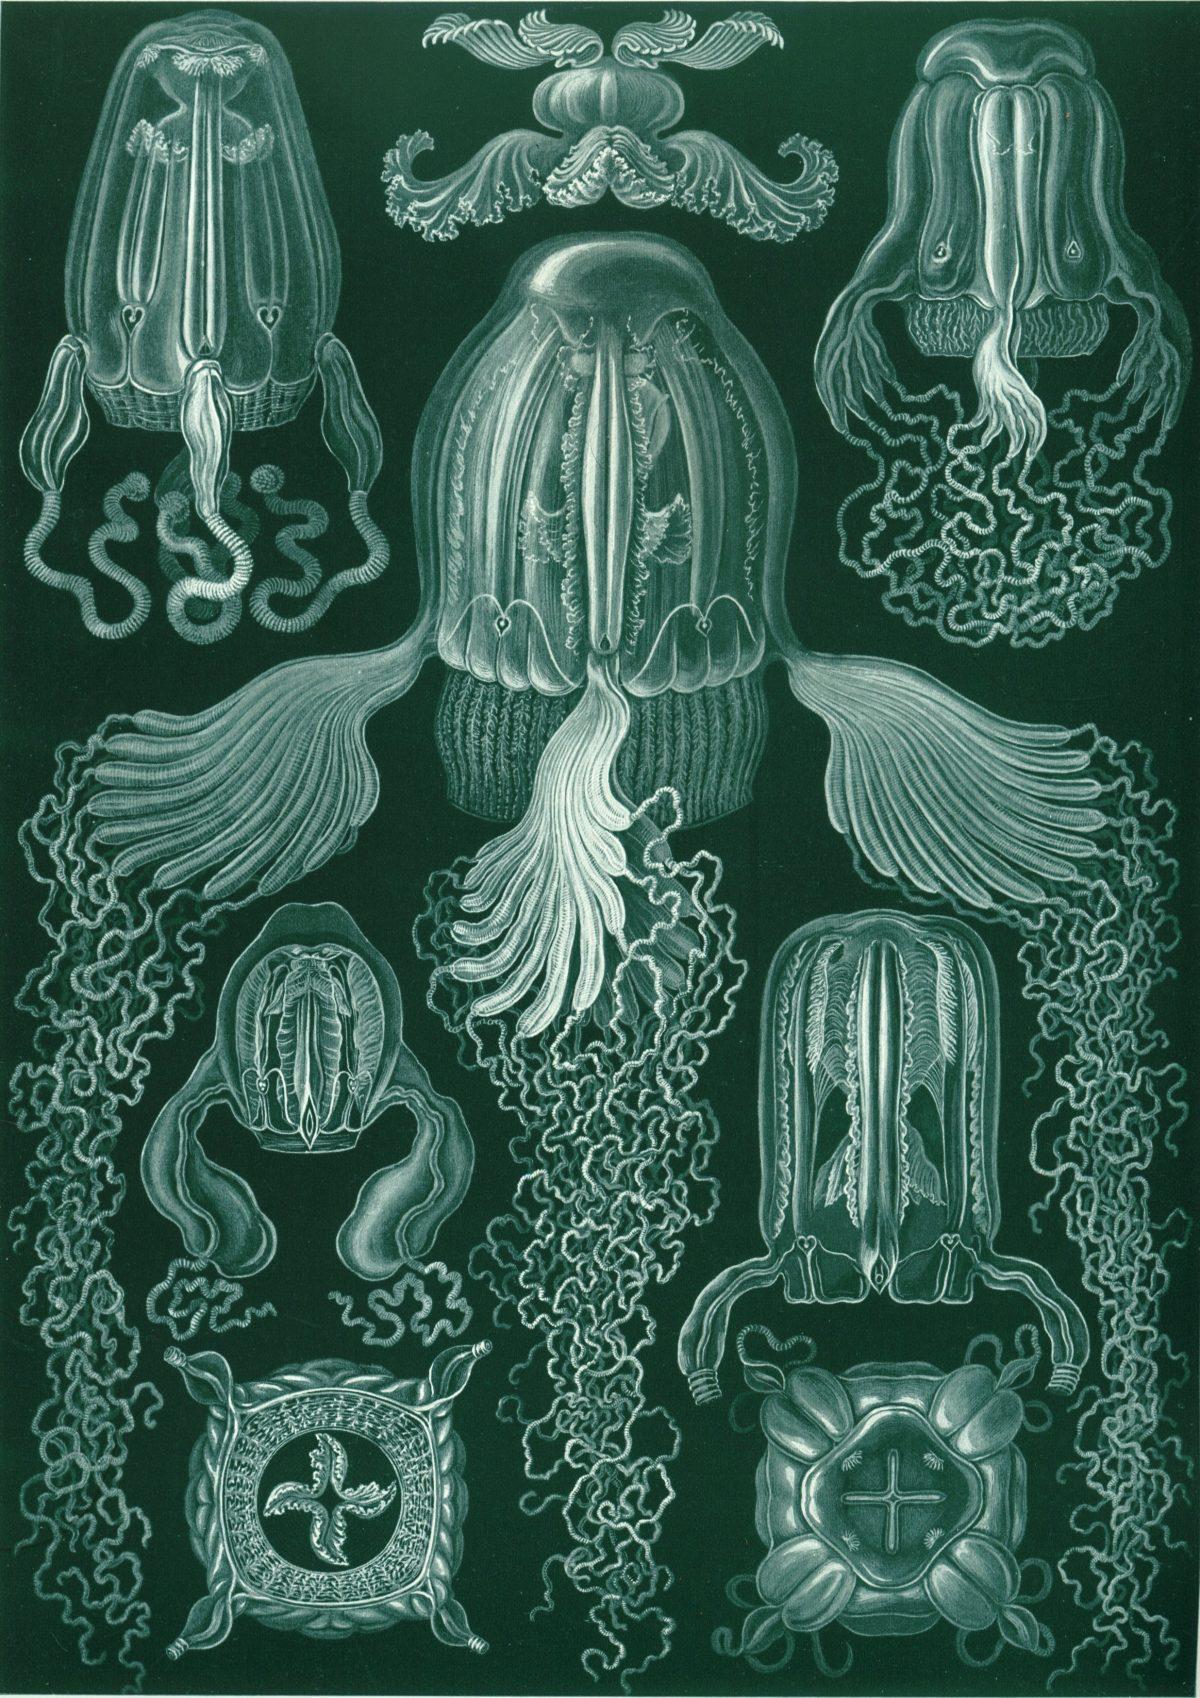 De magnifiques Tirages De Ernst Haeckel des Illustrations de la Vie Microscopique